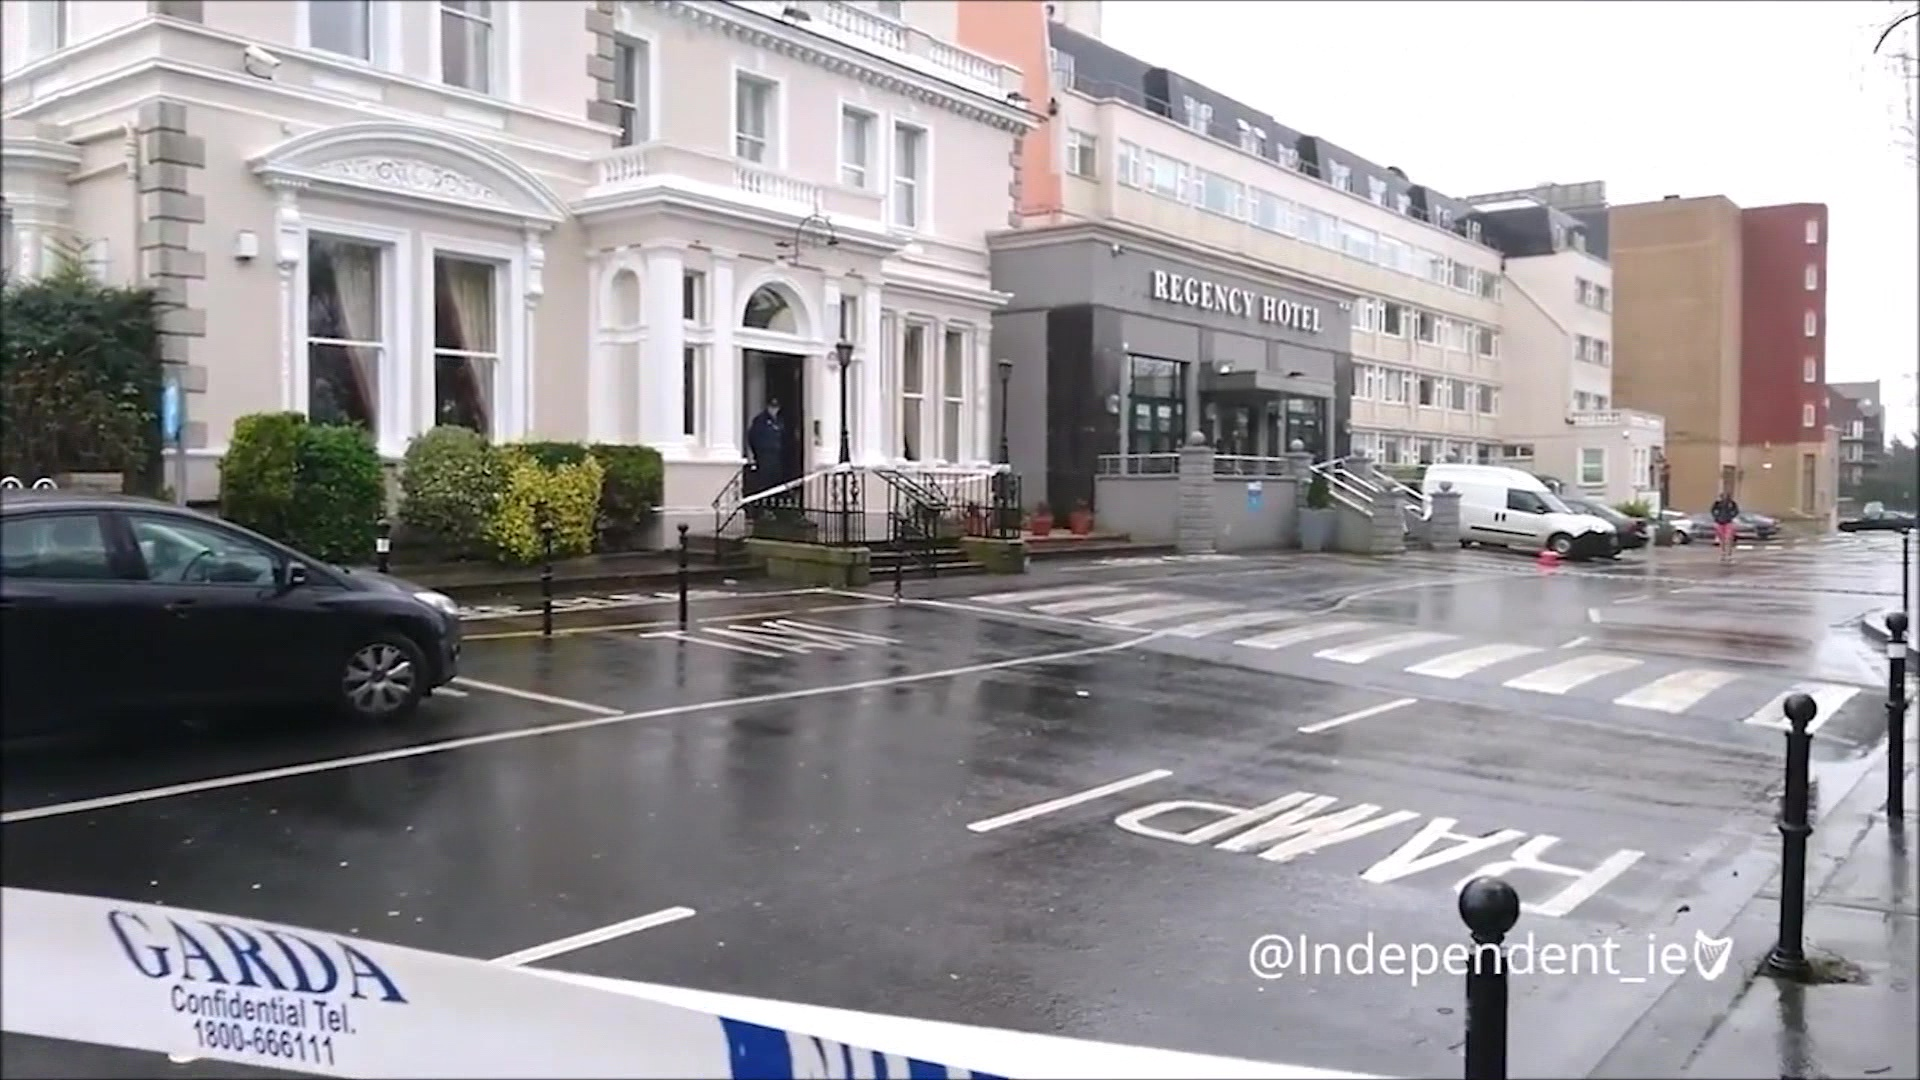 Irlandë, lufta për kontrollin e drogës përgjak rrugët e Dublinit